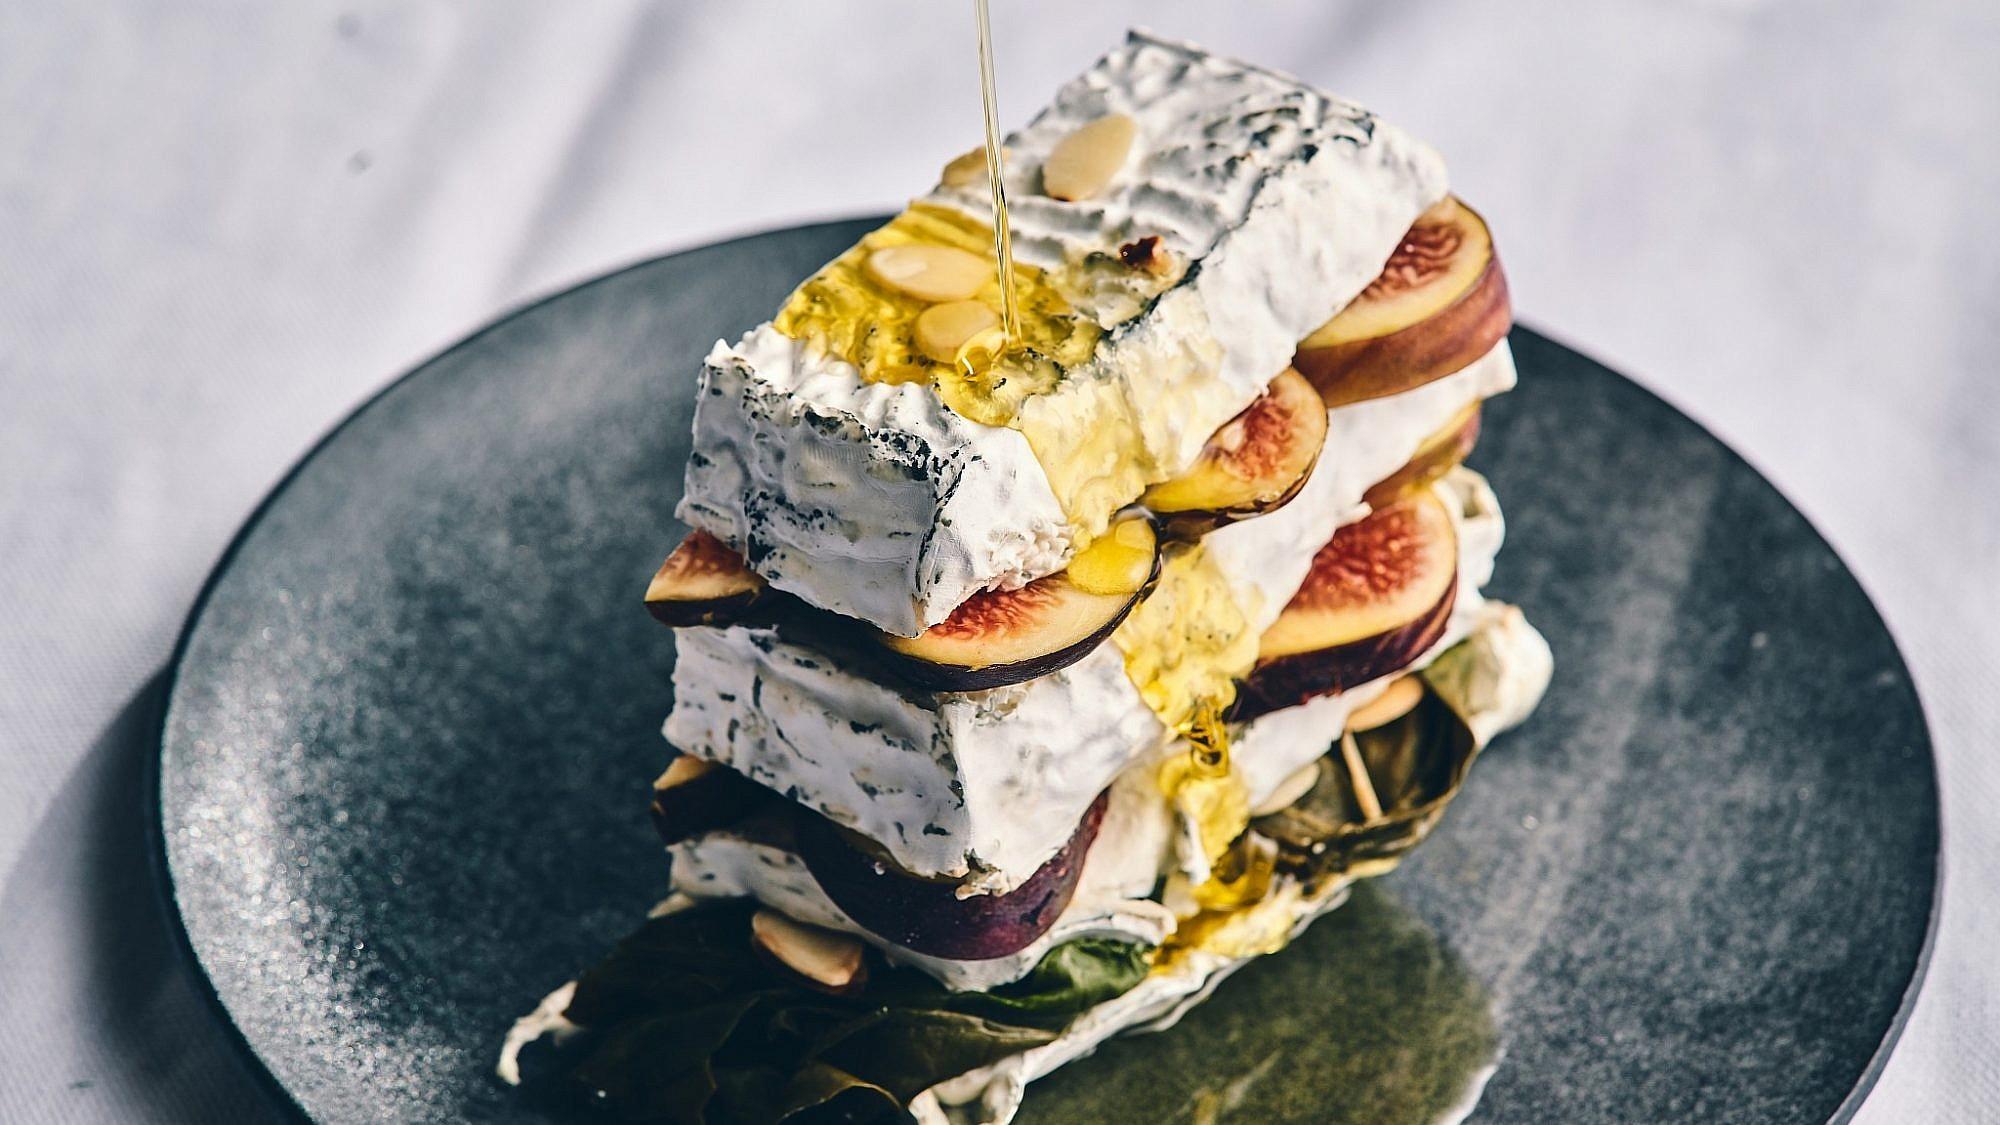 כיכר גבינה עם מנגולד ותאנים של הדיי עפאים. צילום: אמיר מנחם. סטיילינג: דלית רוסו